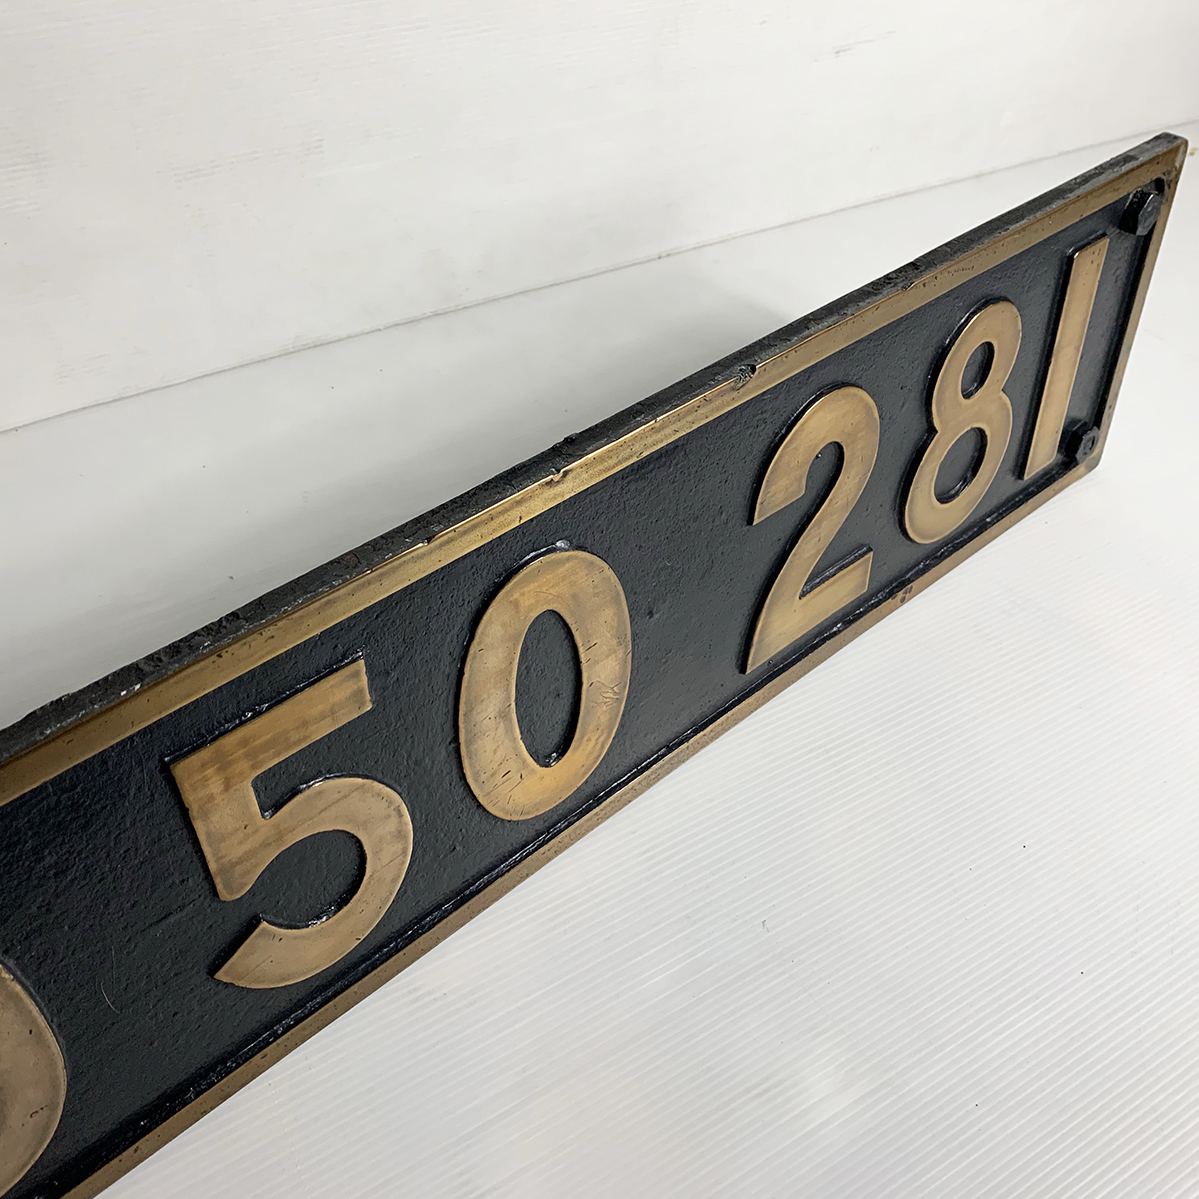 ボルト付 実装品!!超希少 国鉄 当時物 D50 281 デゴマル SL D50形 蒸気機関車 砲金 ナンバープレート 番号板 車両部品 鉄道 北海道 デゴレ_画像5